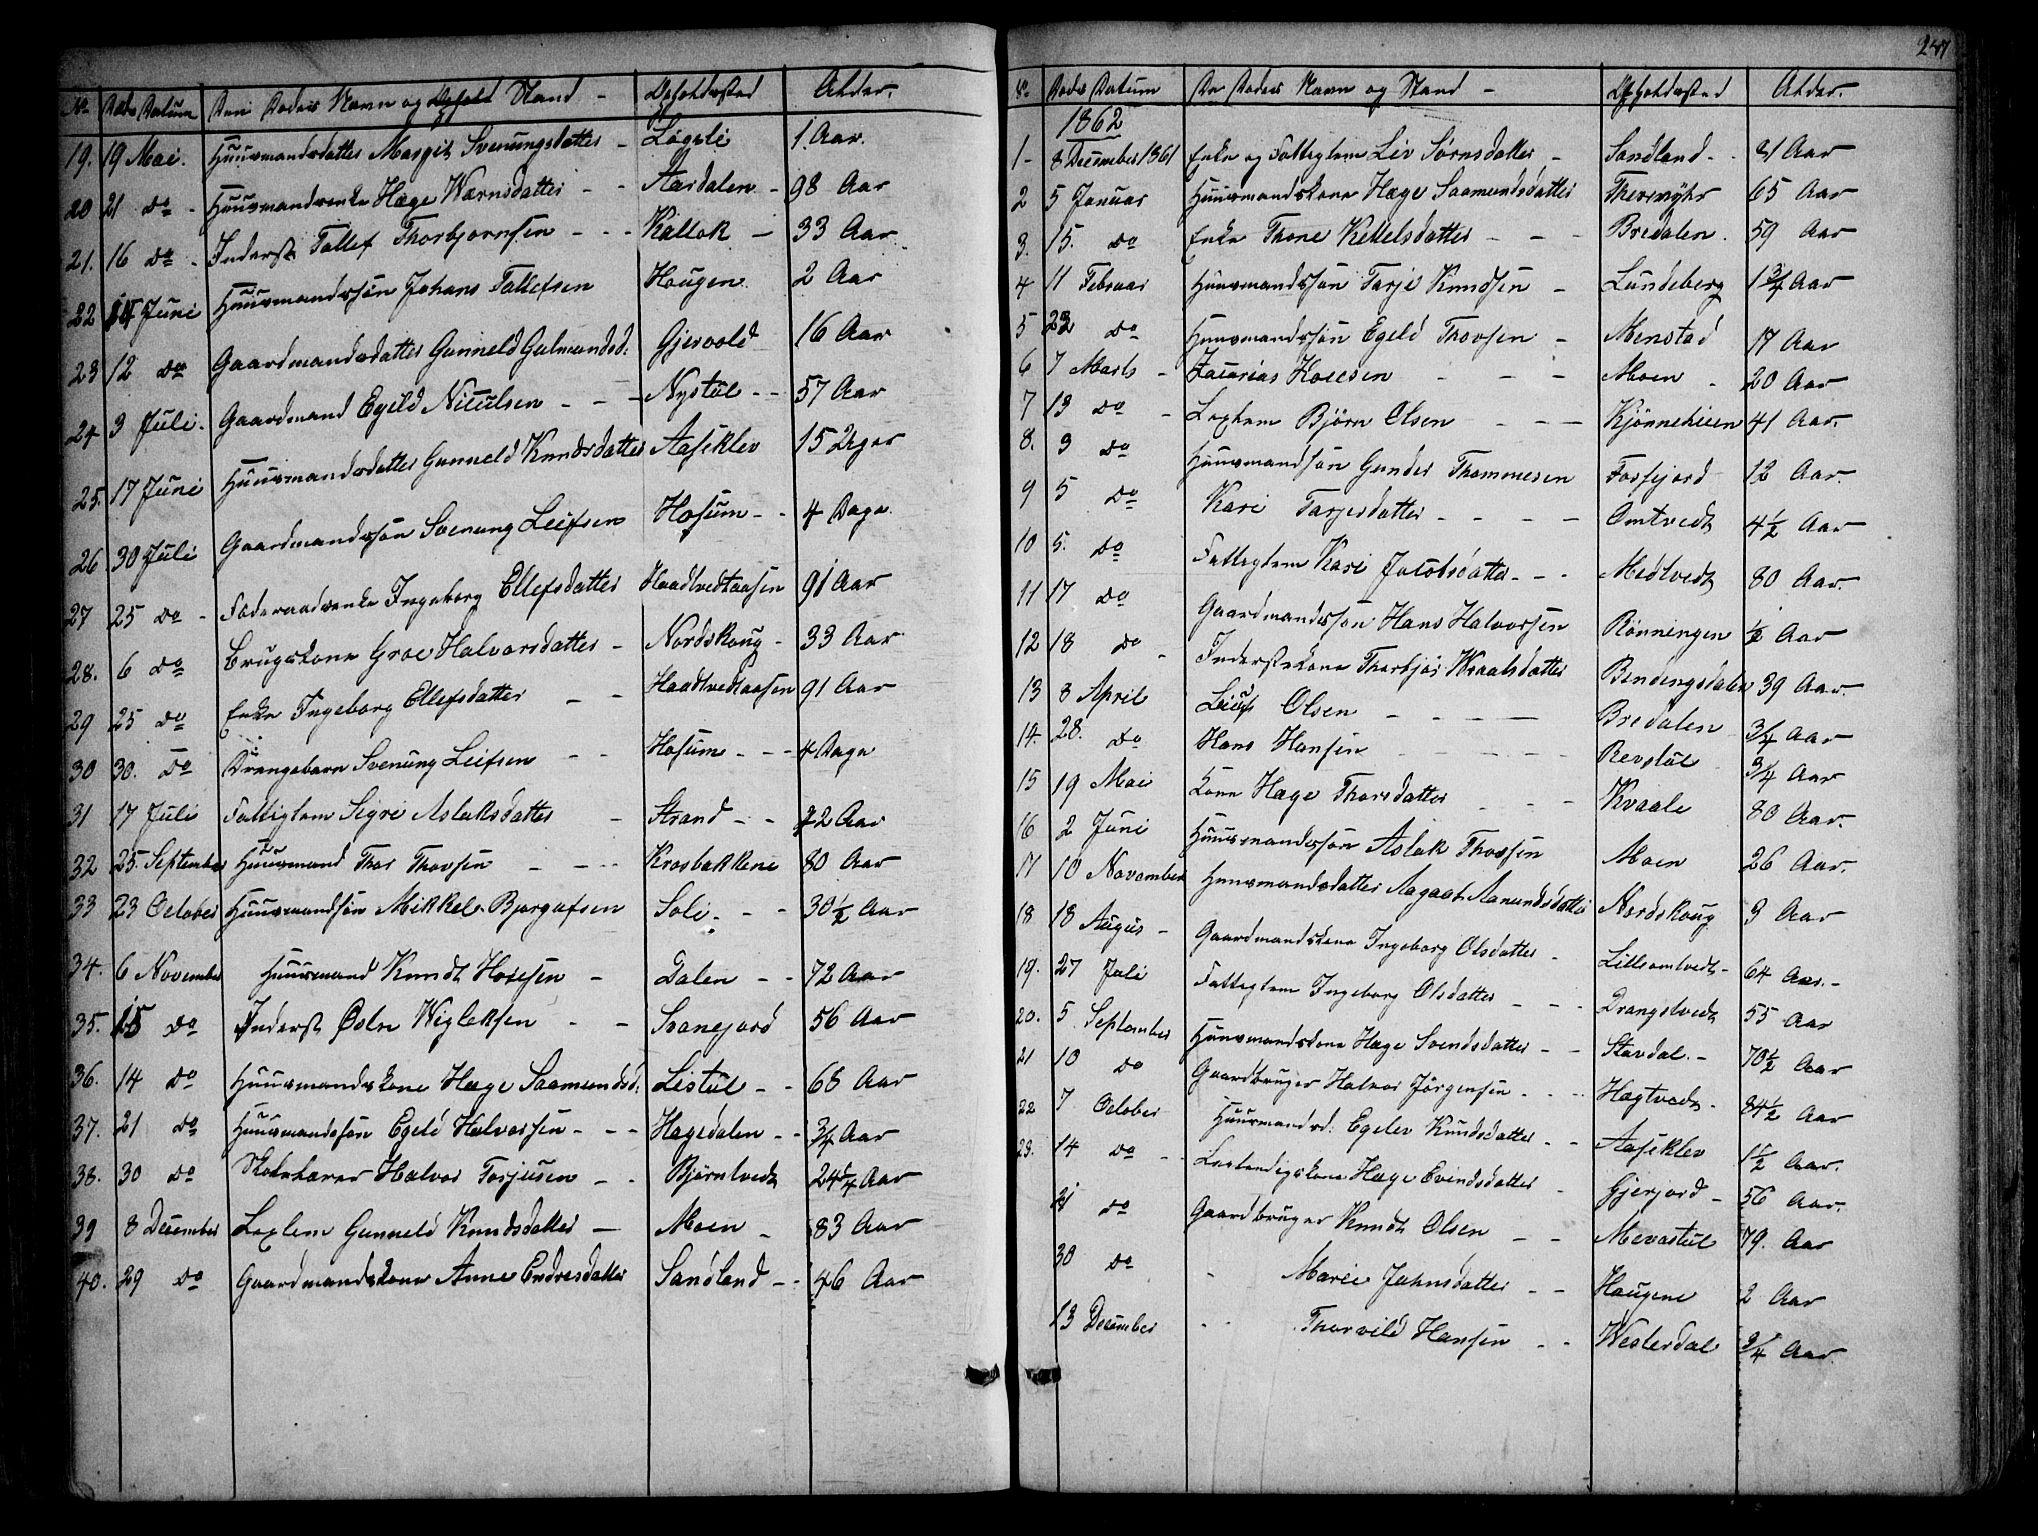 SAKO, Kviteseid kirkebøker, G/Gb/L0002: Klokkerbok nr. II 2, 1850-1892, s. 247